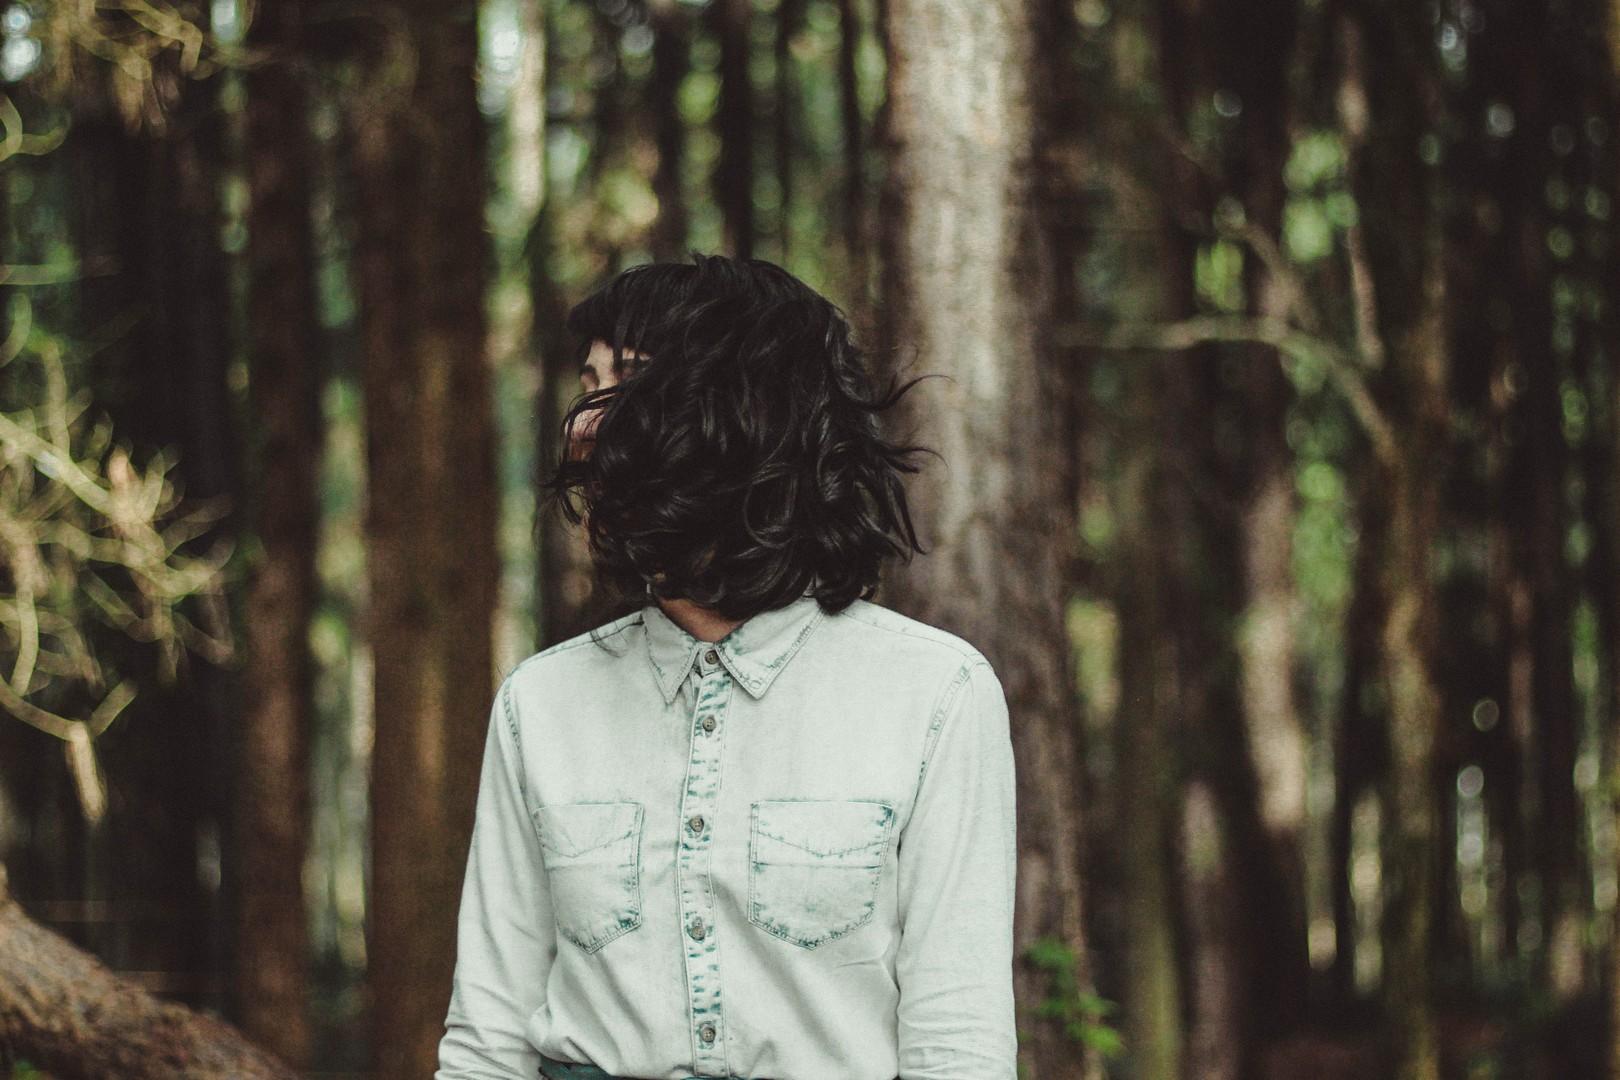 cortes de cabelo medio 1 - Ideias para cortes de cabelo médio e tudo o que você precisa saber sobre eles